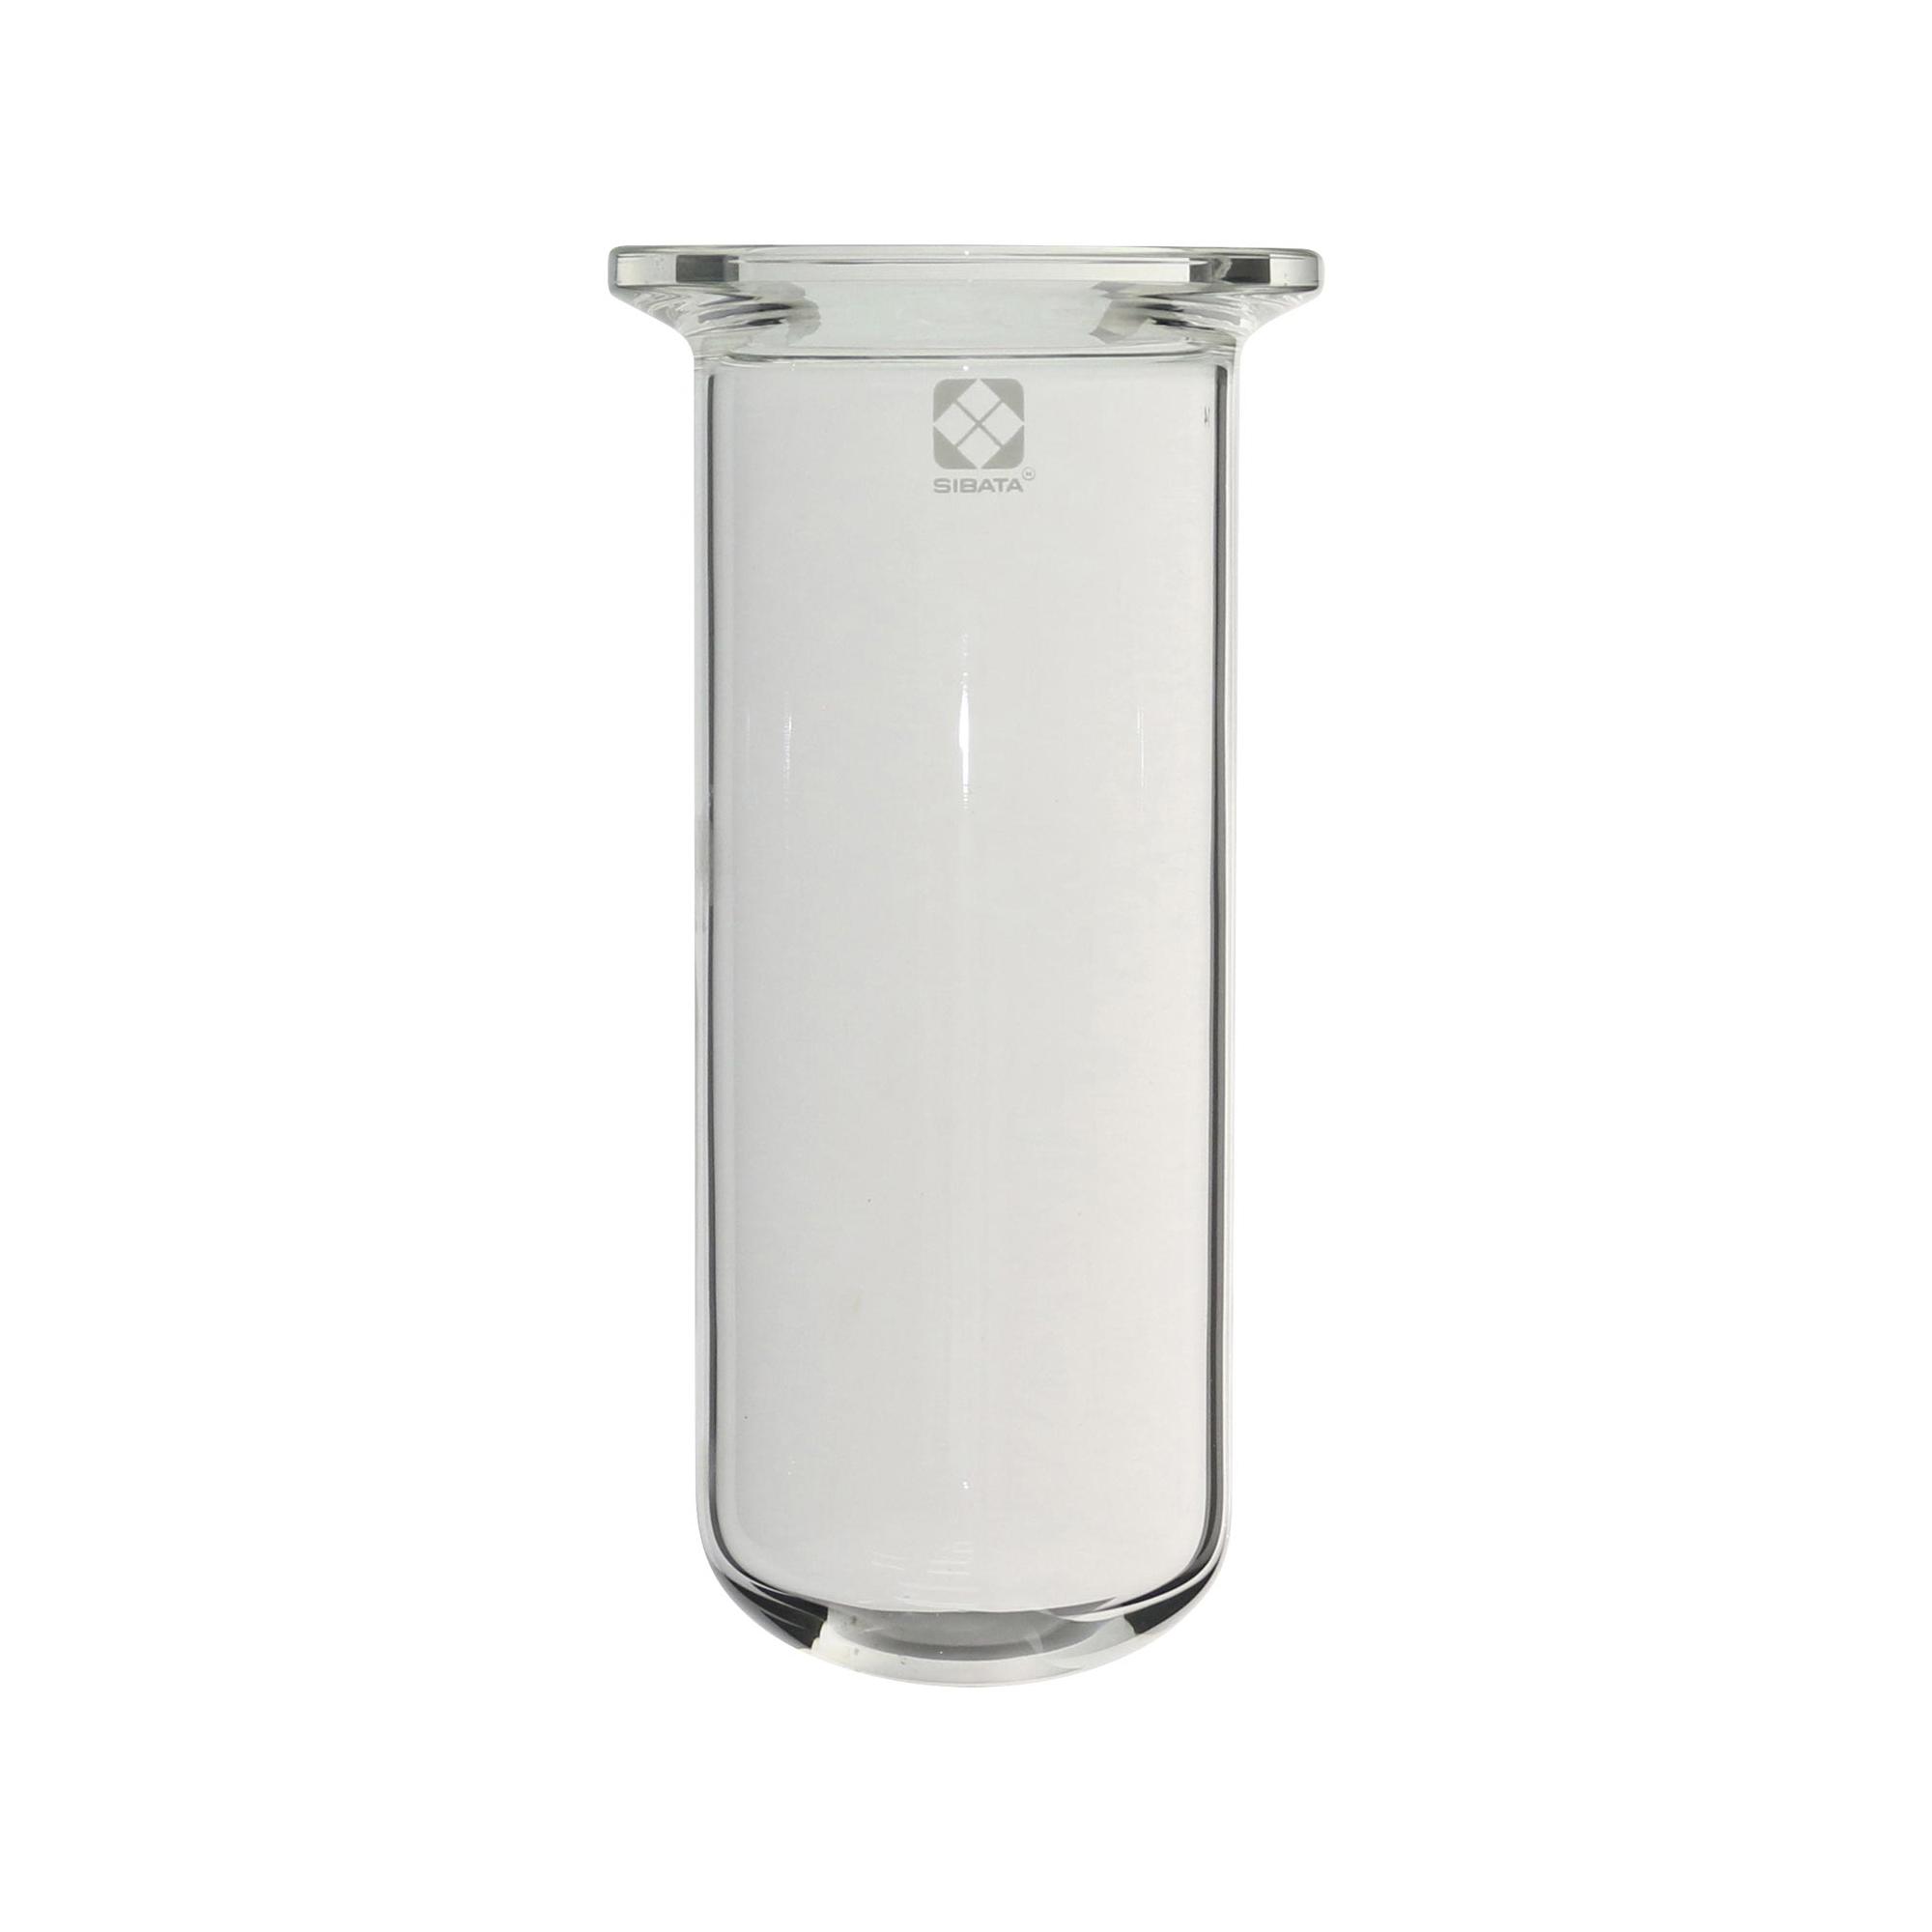 200毫升的塞数值布鲁反应容器O类型|柴田科学有限公司-环境检测设备、科学仪器的制造销售